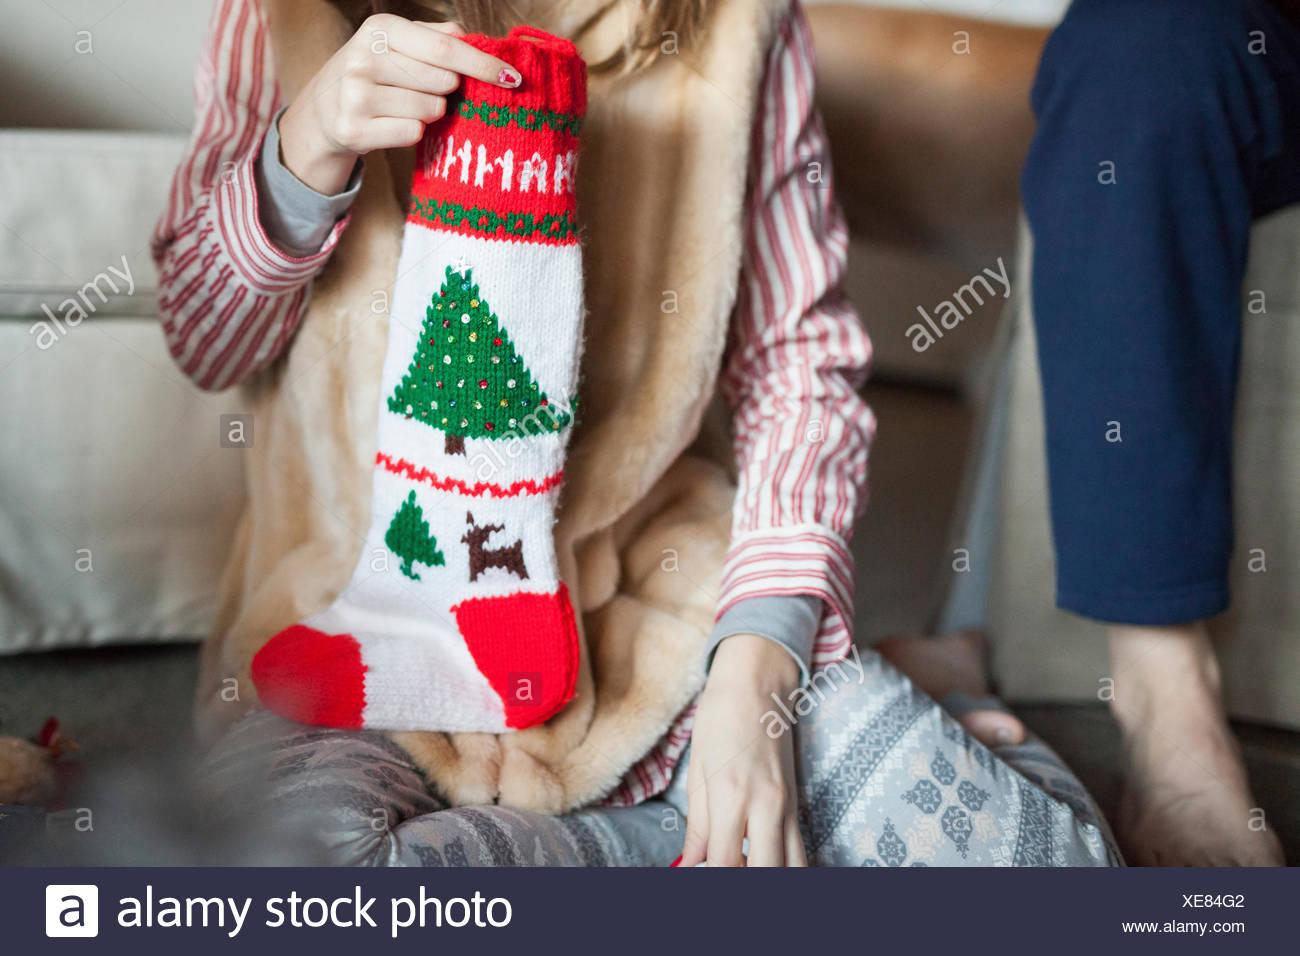 Zwei Personen Auspacken Weihnachtsstrumpf Geschenke am ...